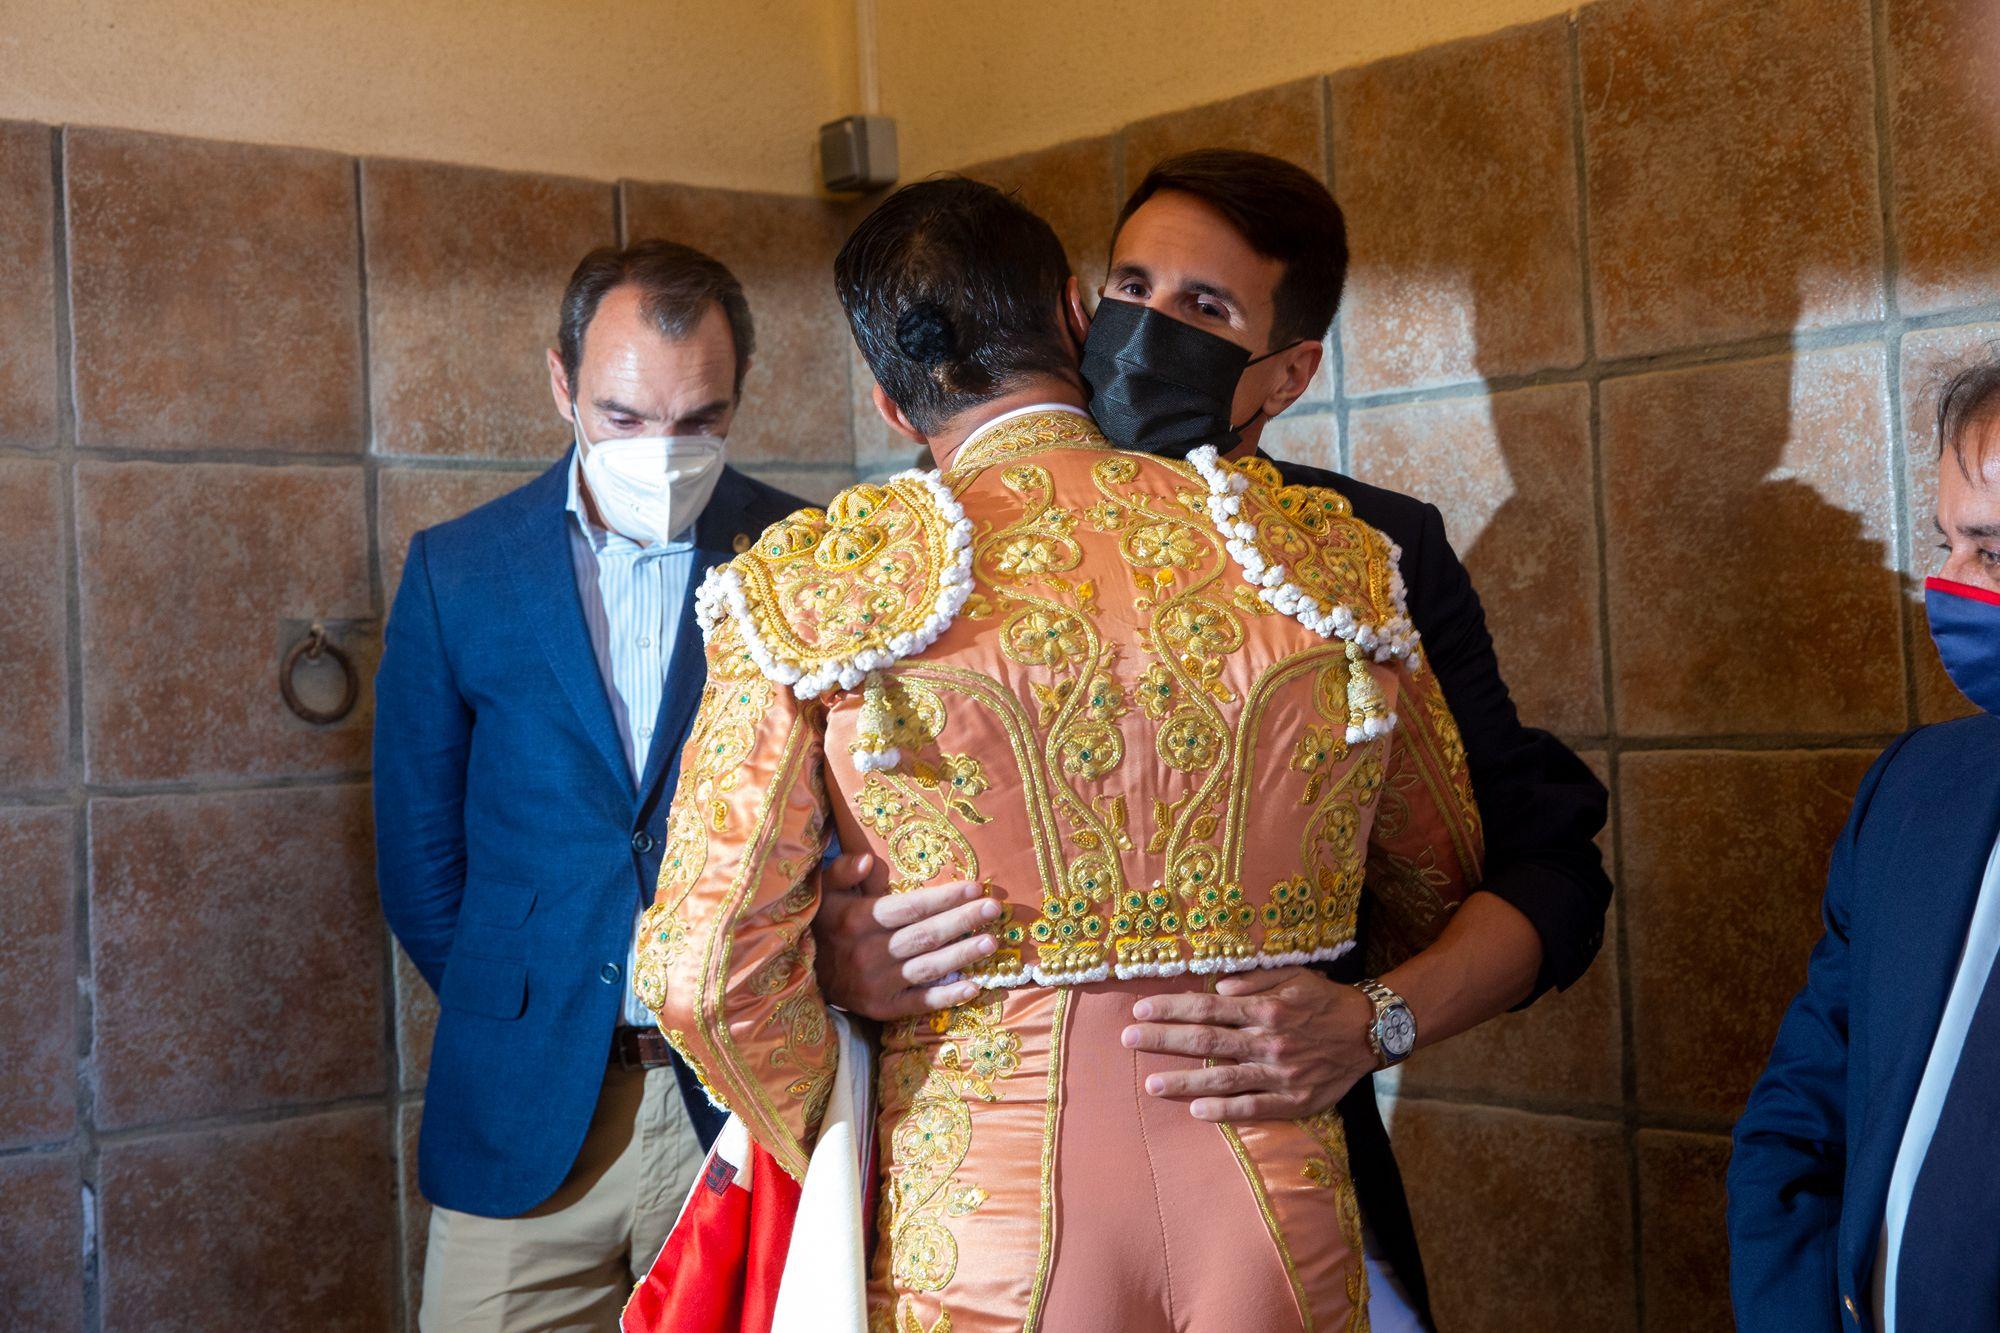 El Juli y Manzanares salen a hombros en la primera tarde de homenaje al maestro de Alicante